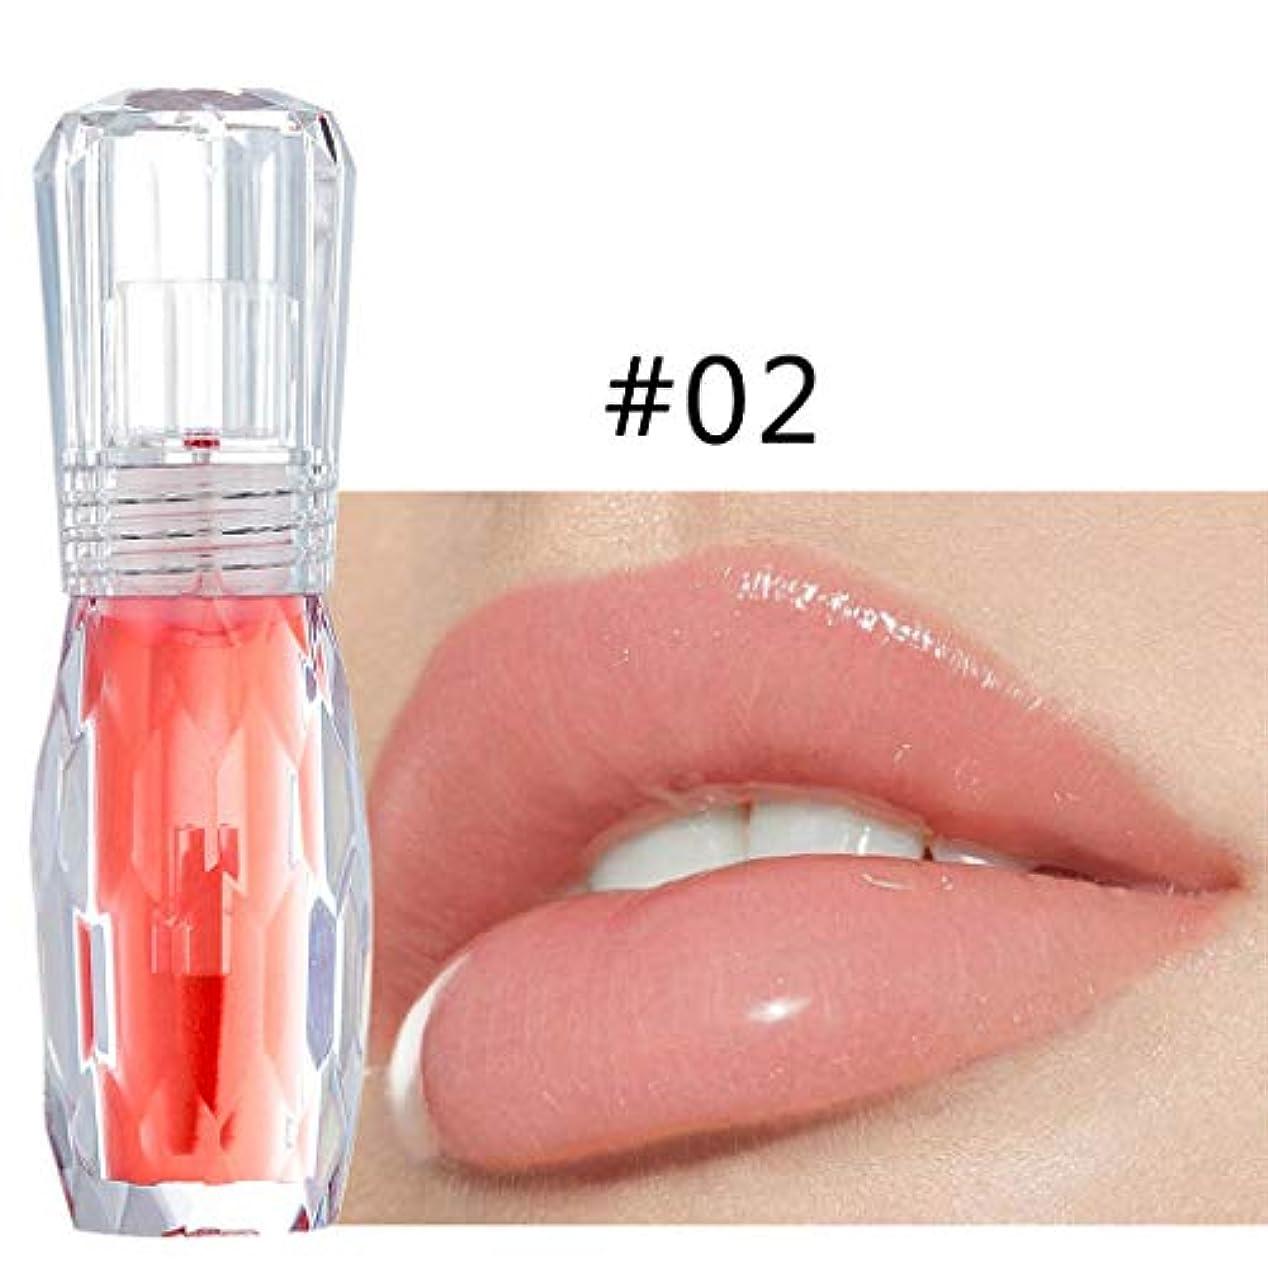 絶滅した習字ほこりっぽいビューティー 口紅 Jopinica 6色ピンク系液体リップスティック 透明魅力液体リップグロス キラキラ落ちにくい口紅 安いメイクアップ ナチュラル美容化粧品 ハイライト プレイカラー うるおい 持ち運び便利 光沢 自然立体...